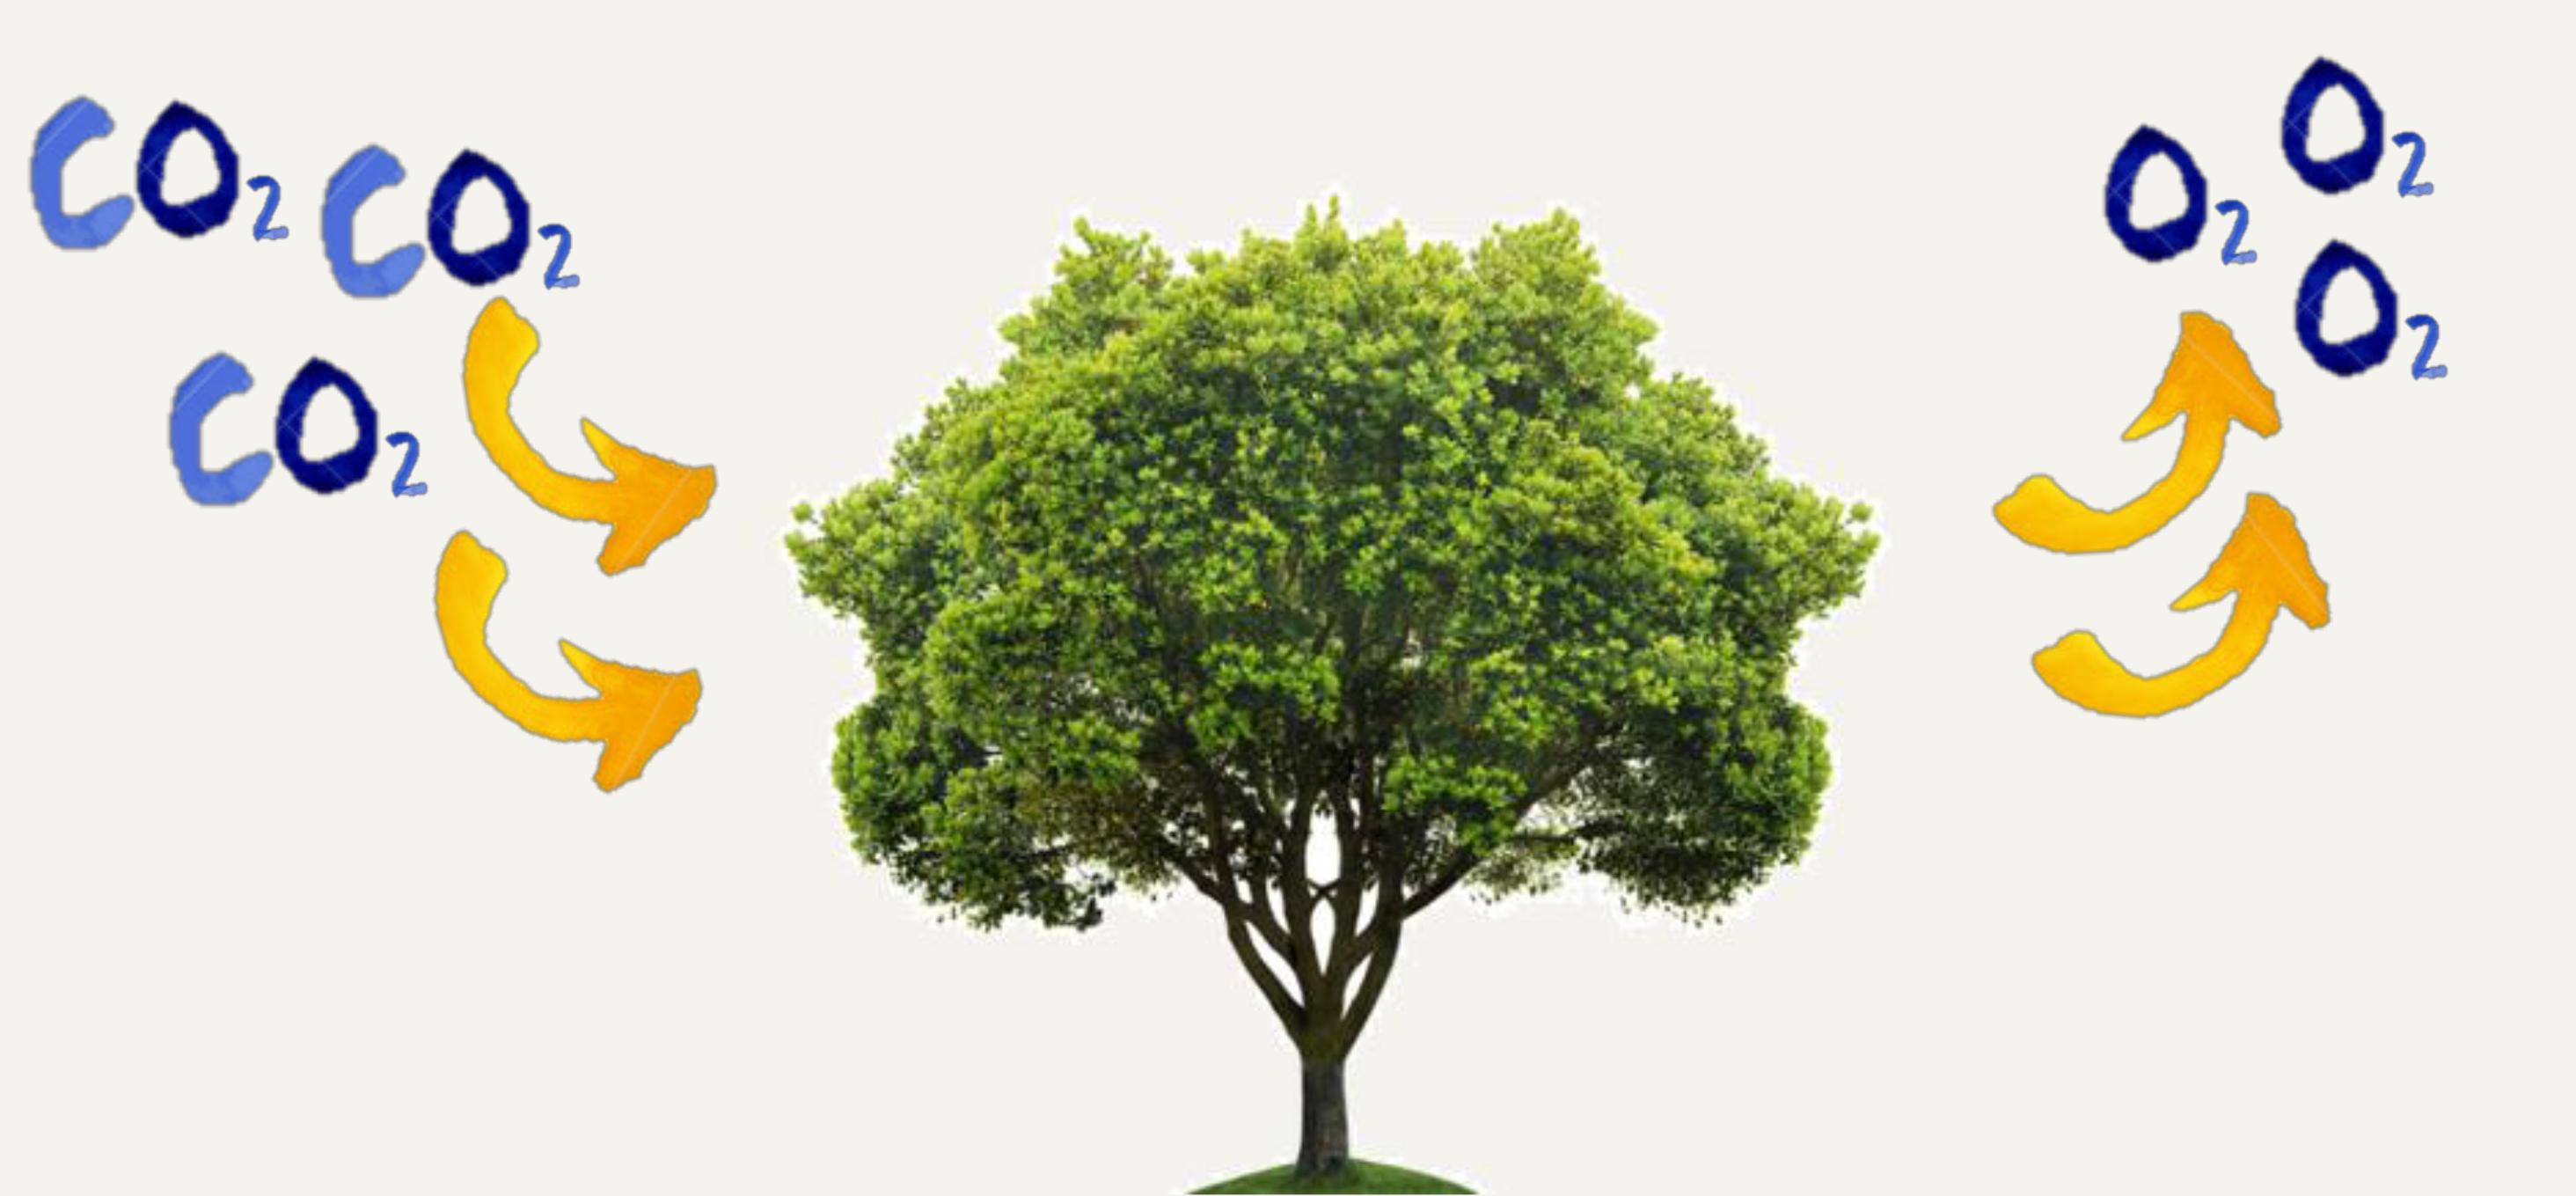 RIOX CO2 O2 Effect